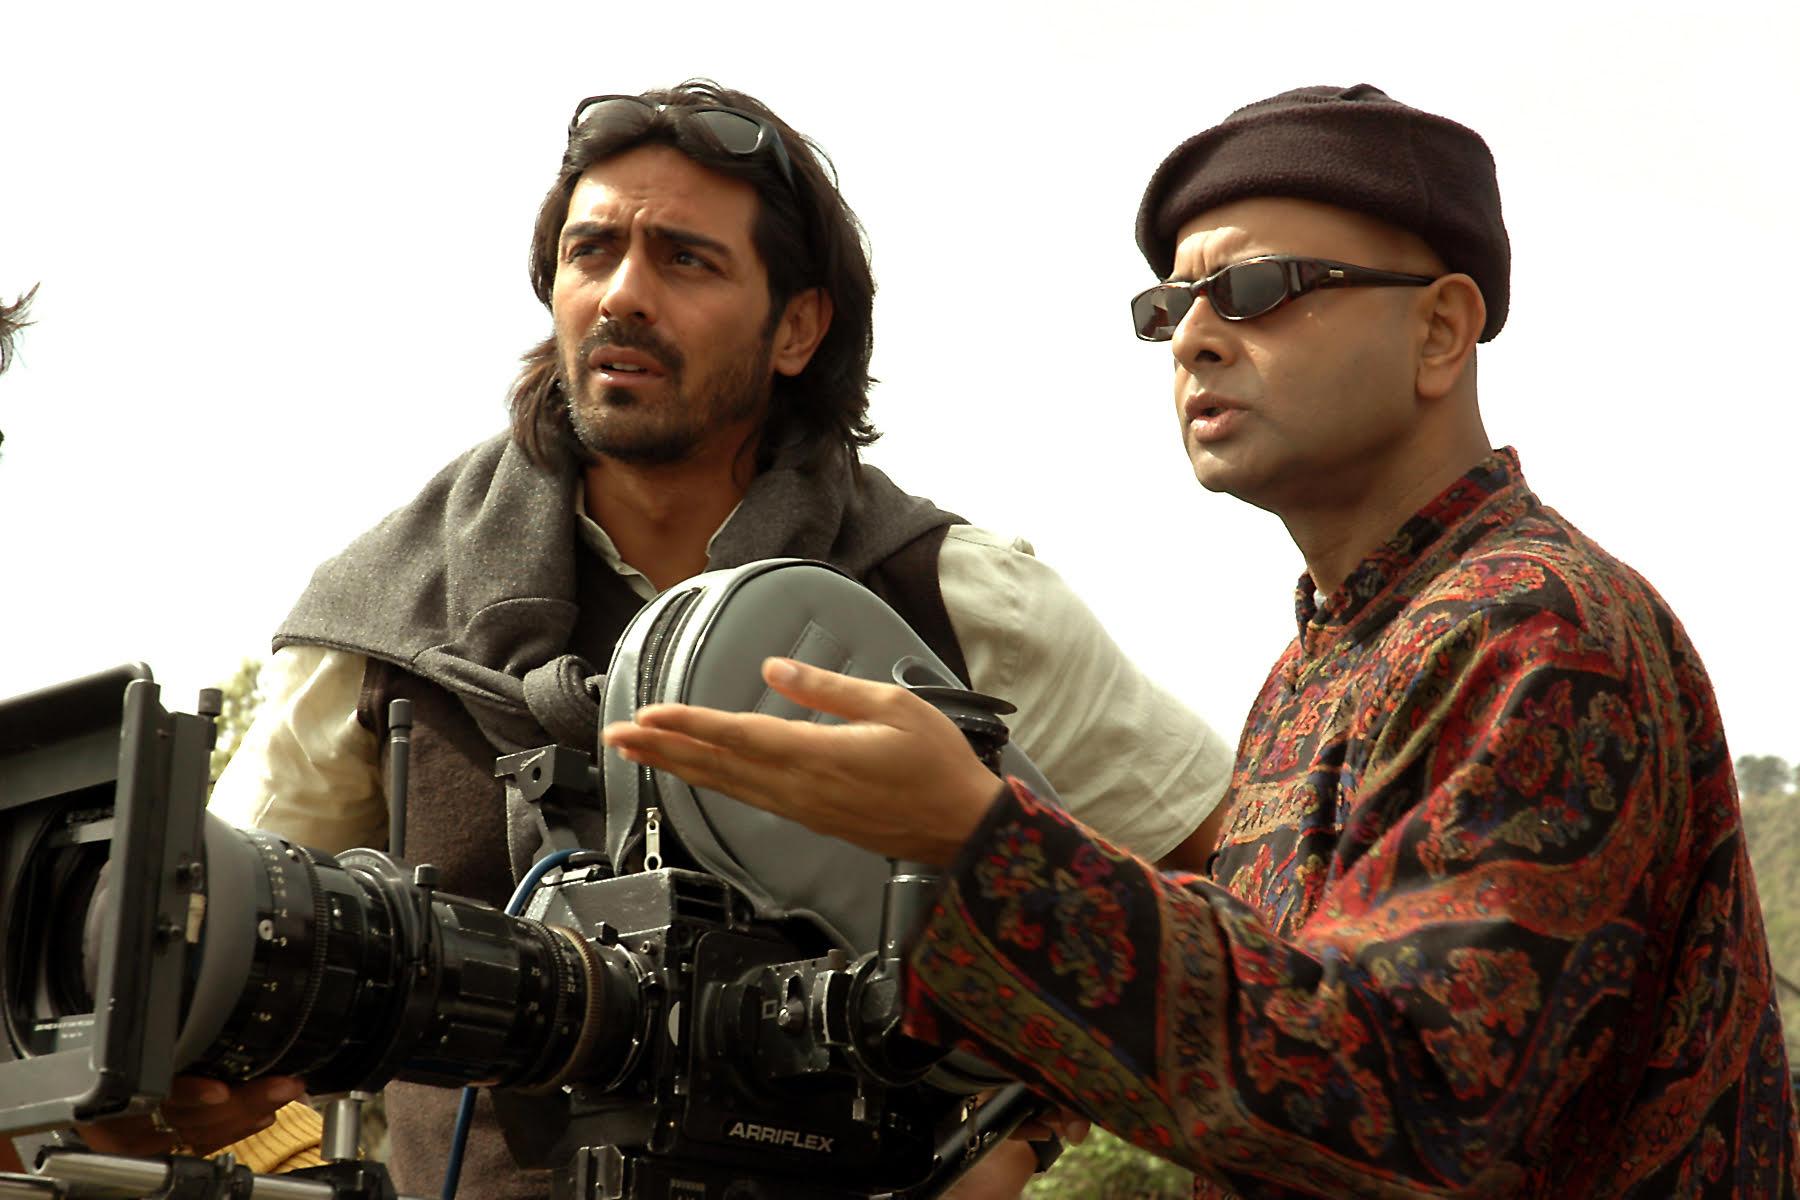 Arjun Rampal and Rituparno Ghosh